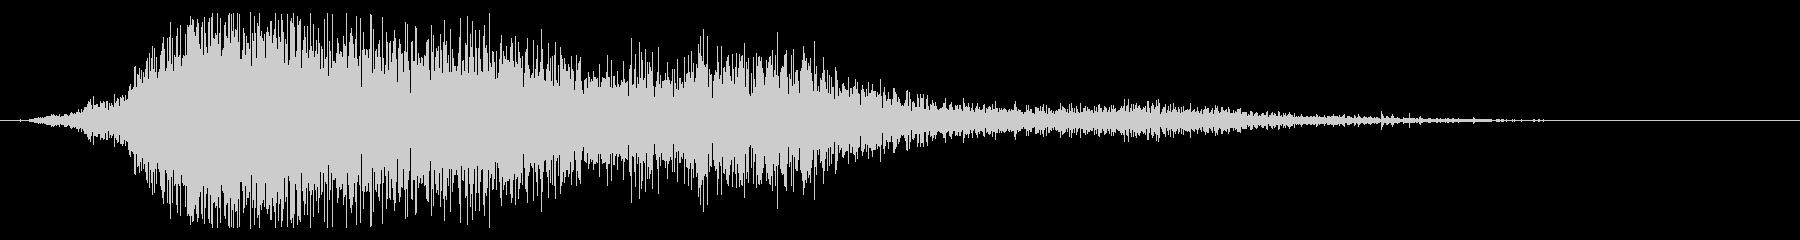 グリッティサンドウーッシュバーストの未再生の波形